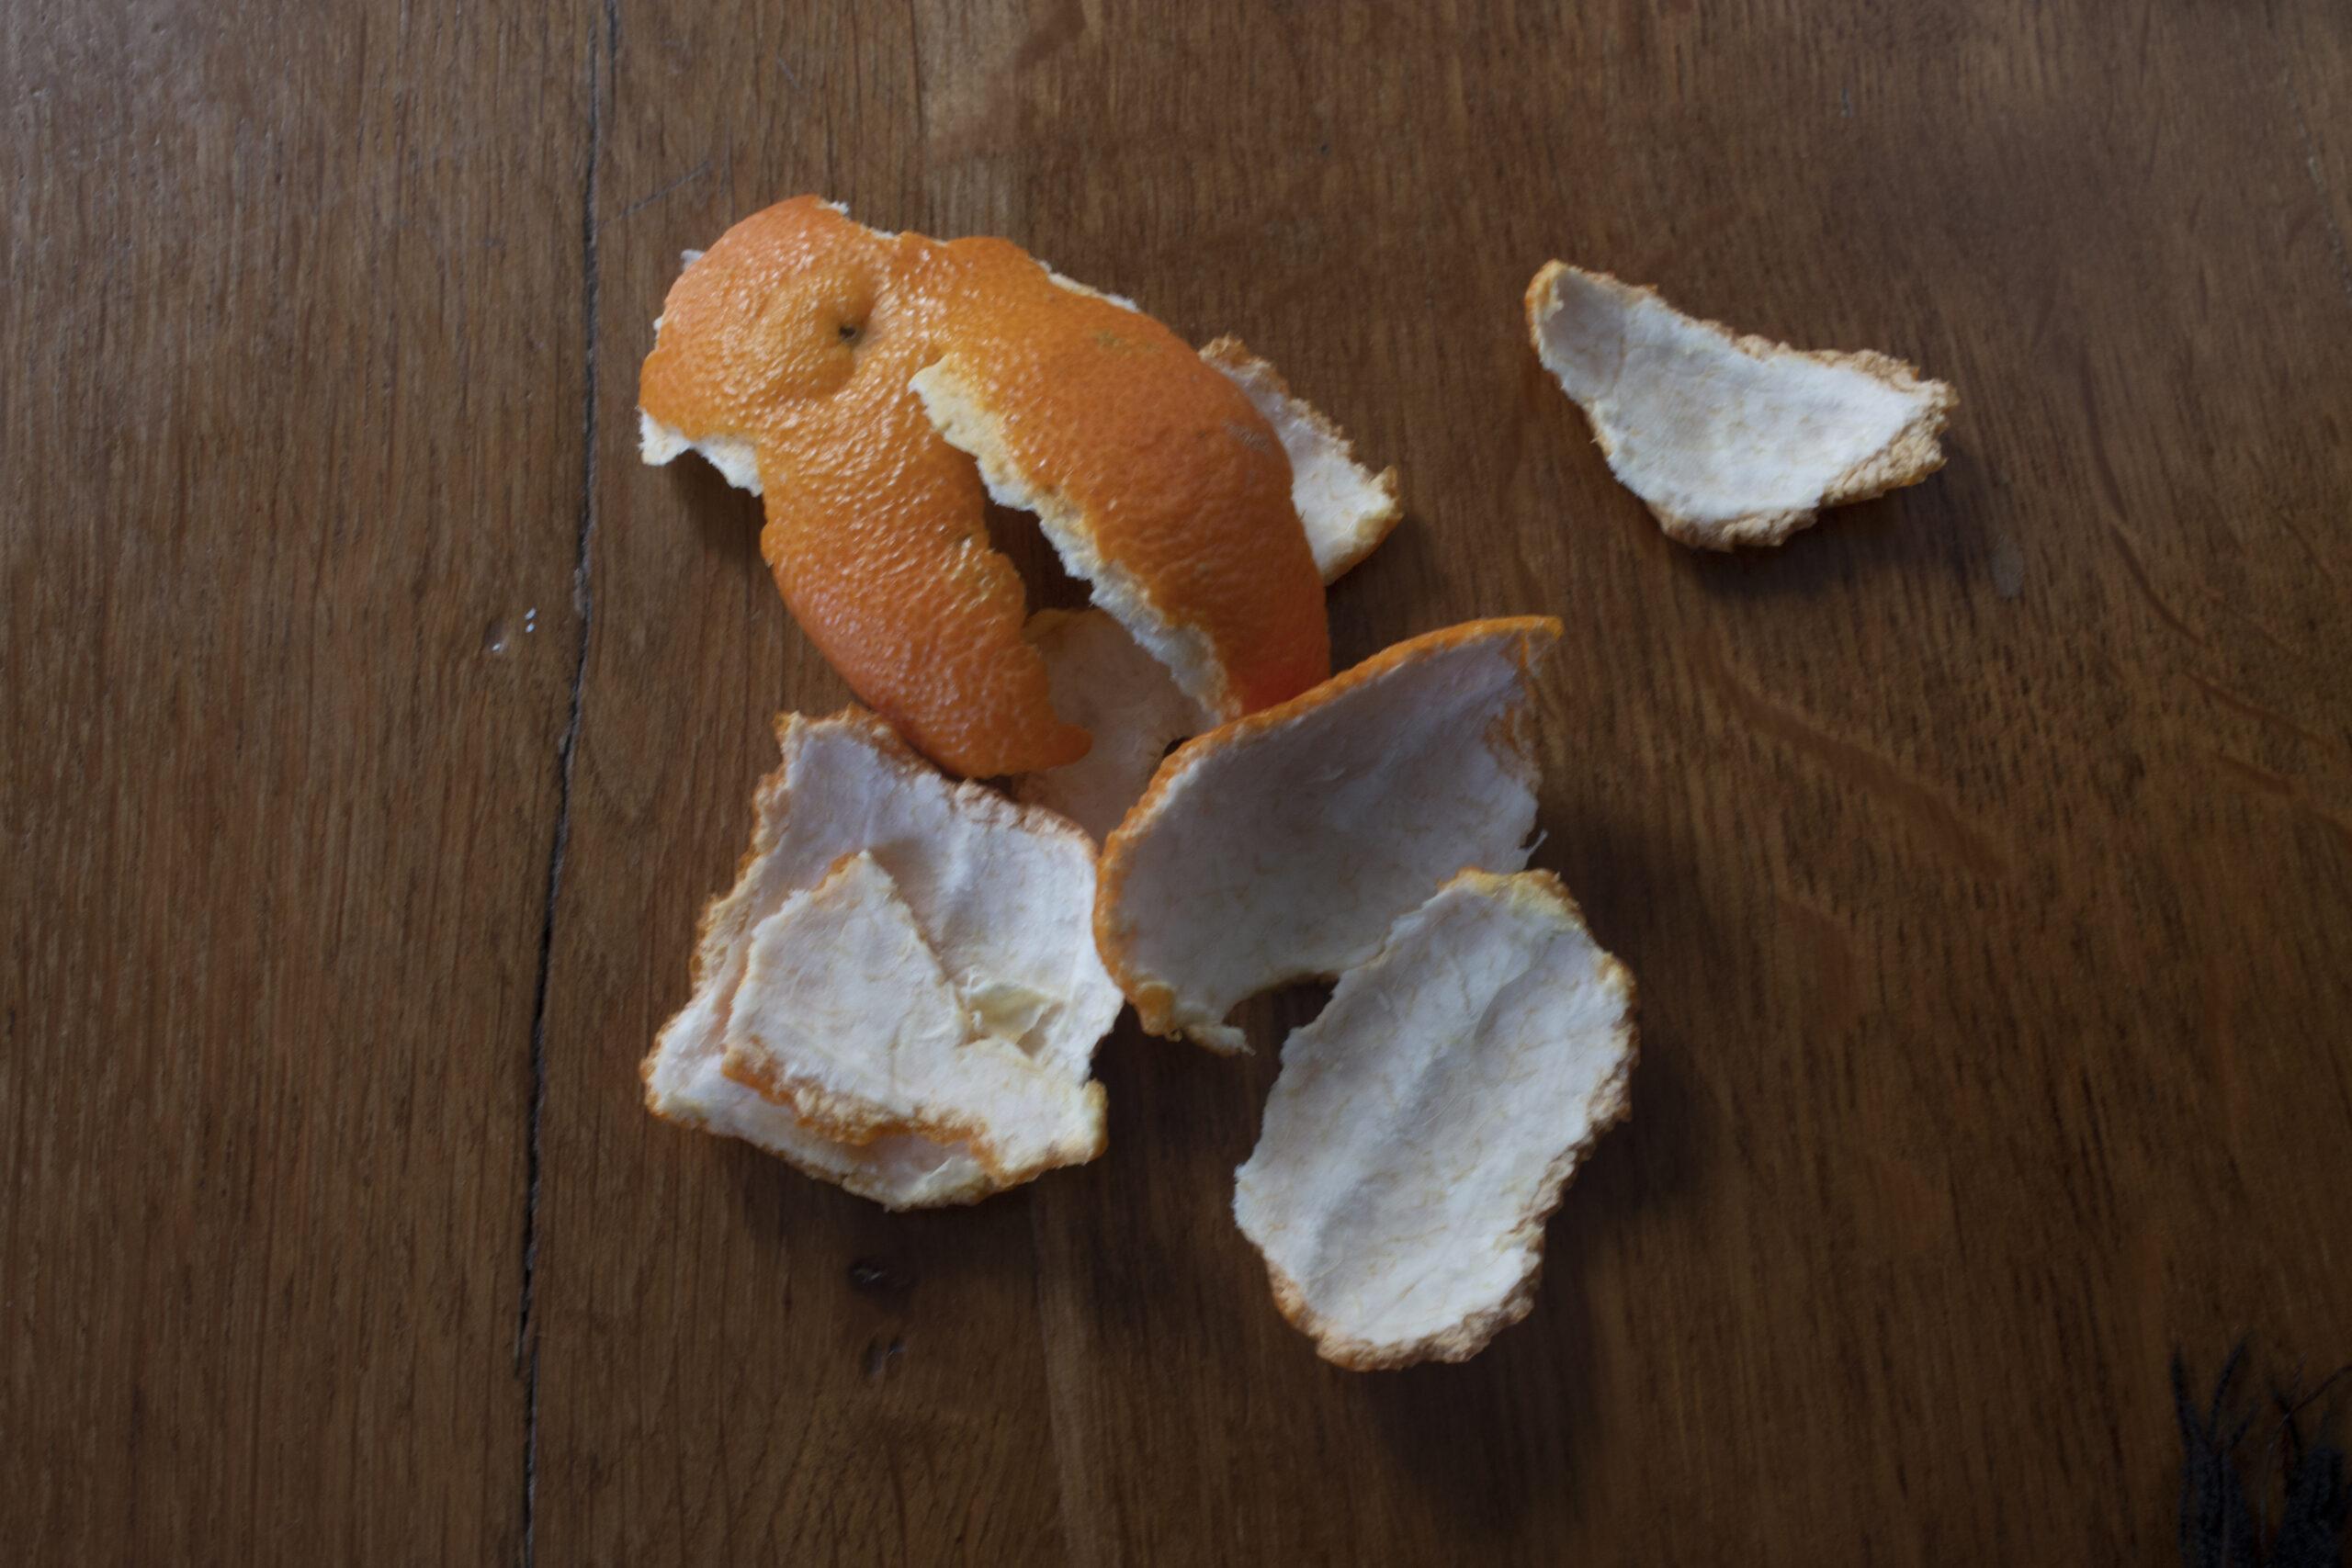 La peau orange d'une clémentine épluchée sur une table en bois.